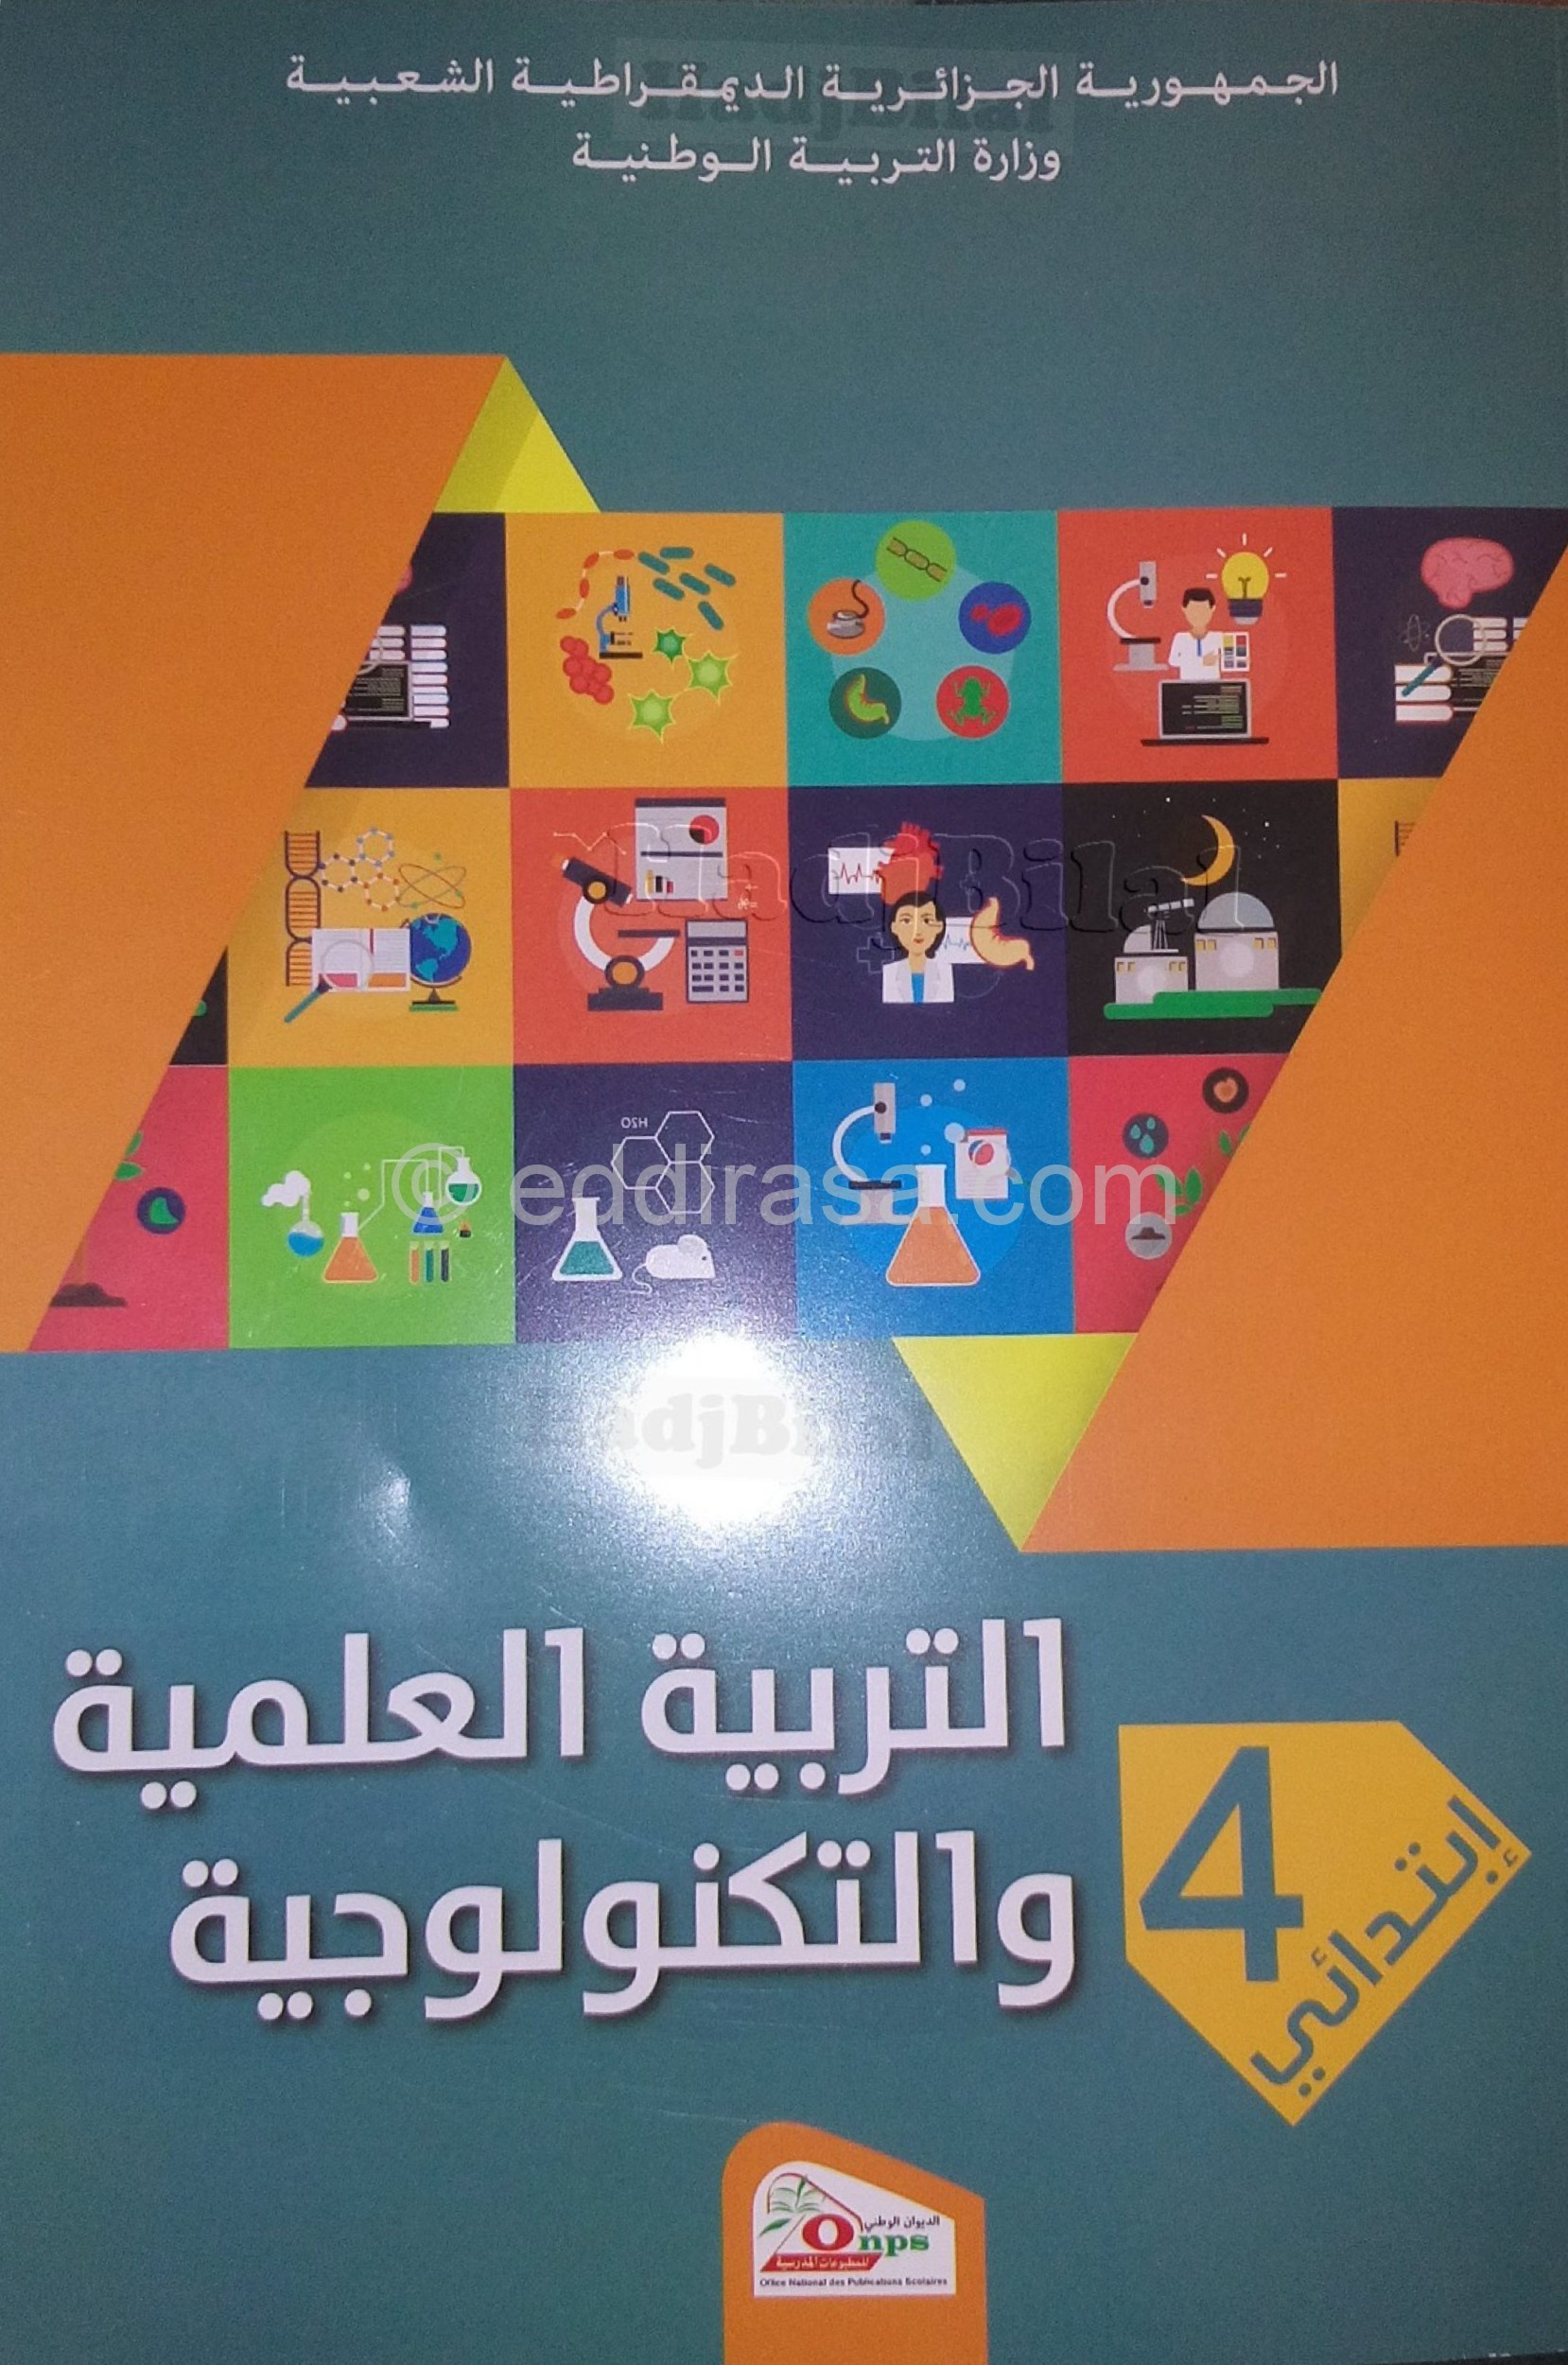 كتاب التربية العلمية و التكنولوجيا للسنة الرابعة إبتدائي الجيل الثاني